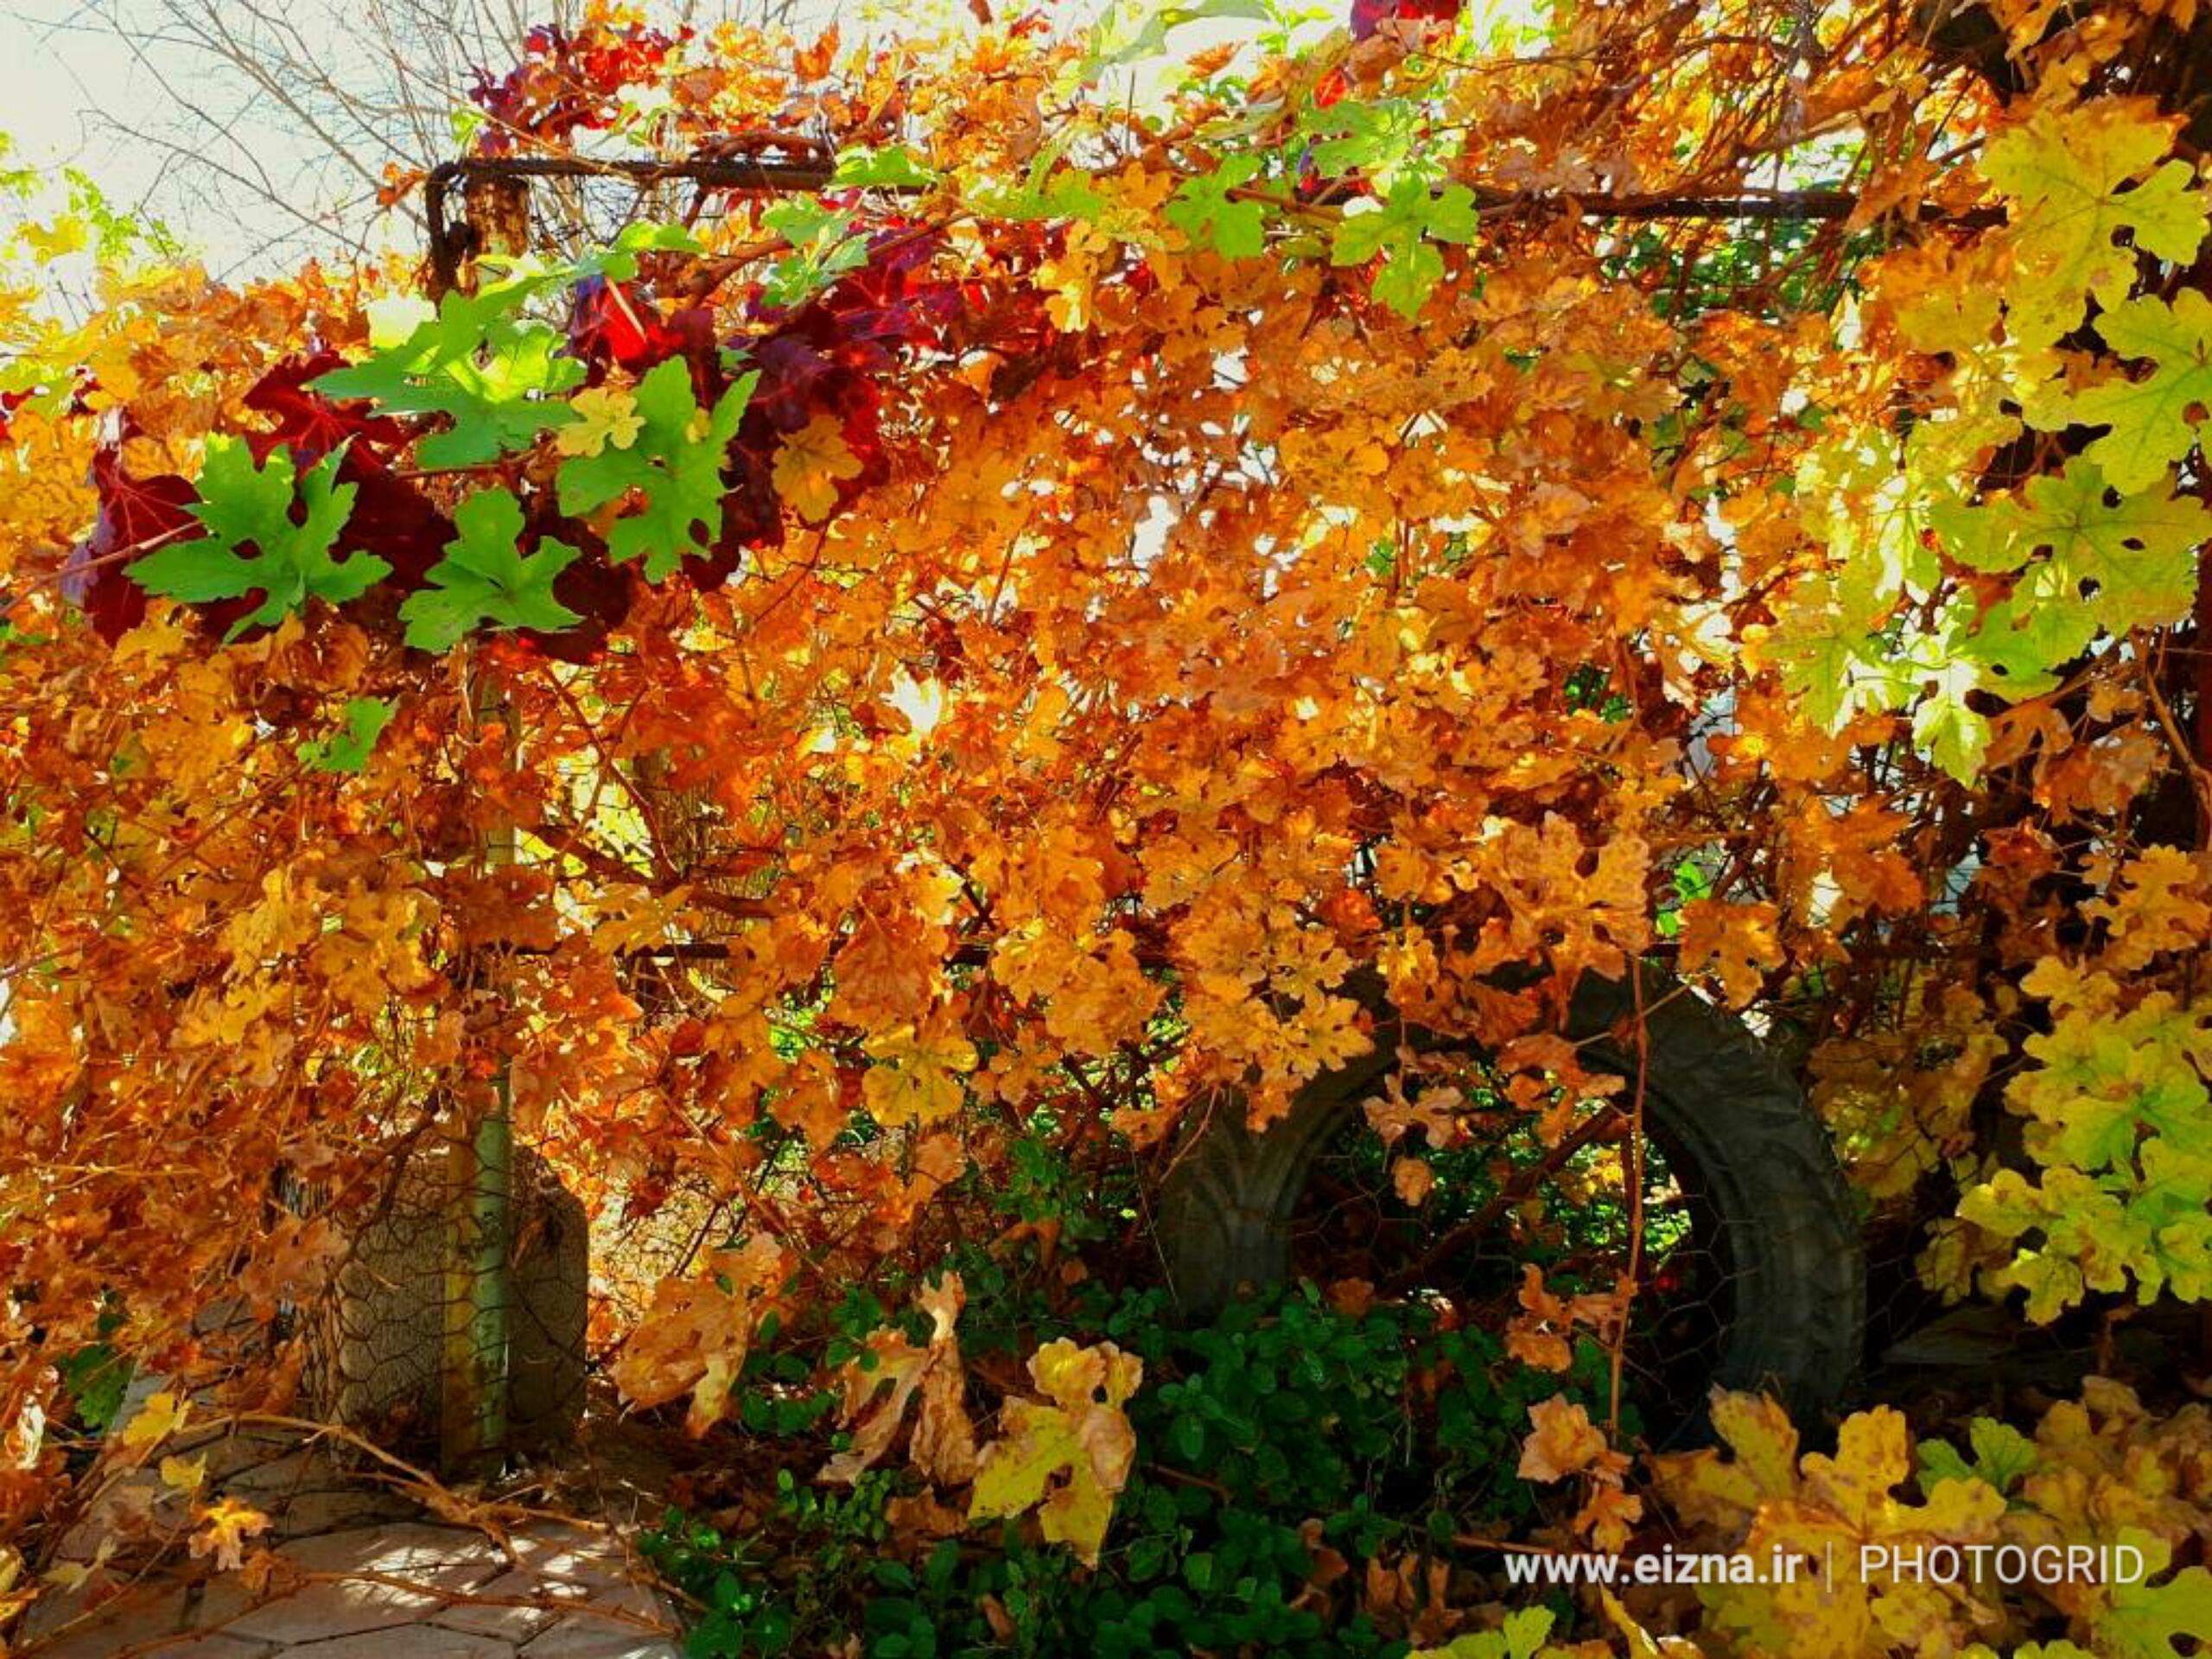 عکس/خودنمایی برگهای پاییزی درختان در هوای بهاری زمستان ایذه